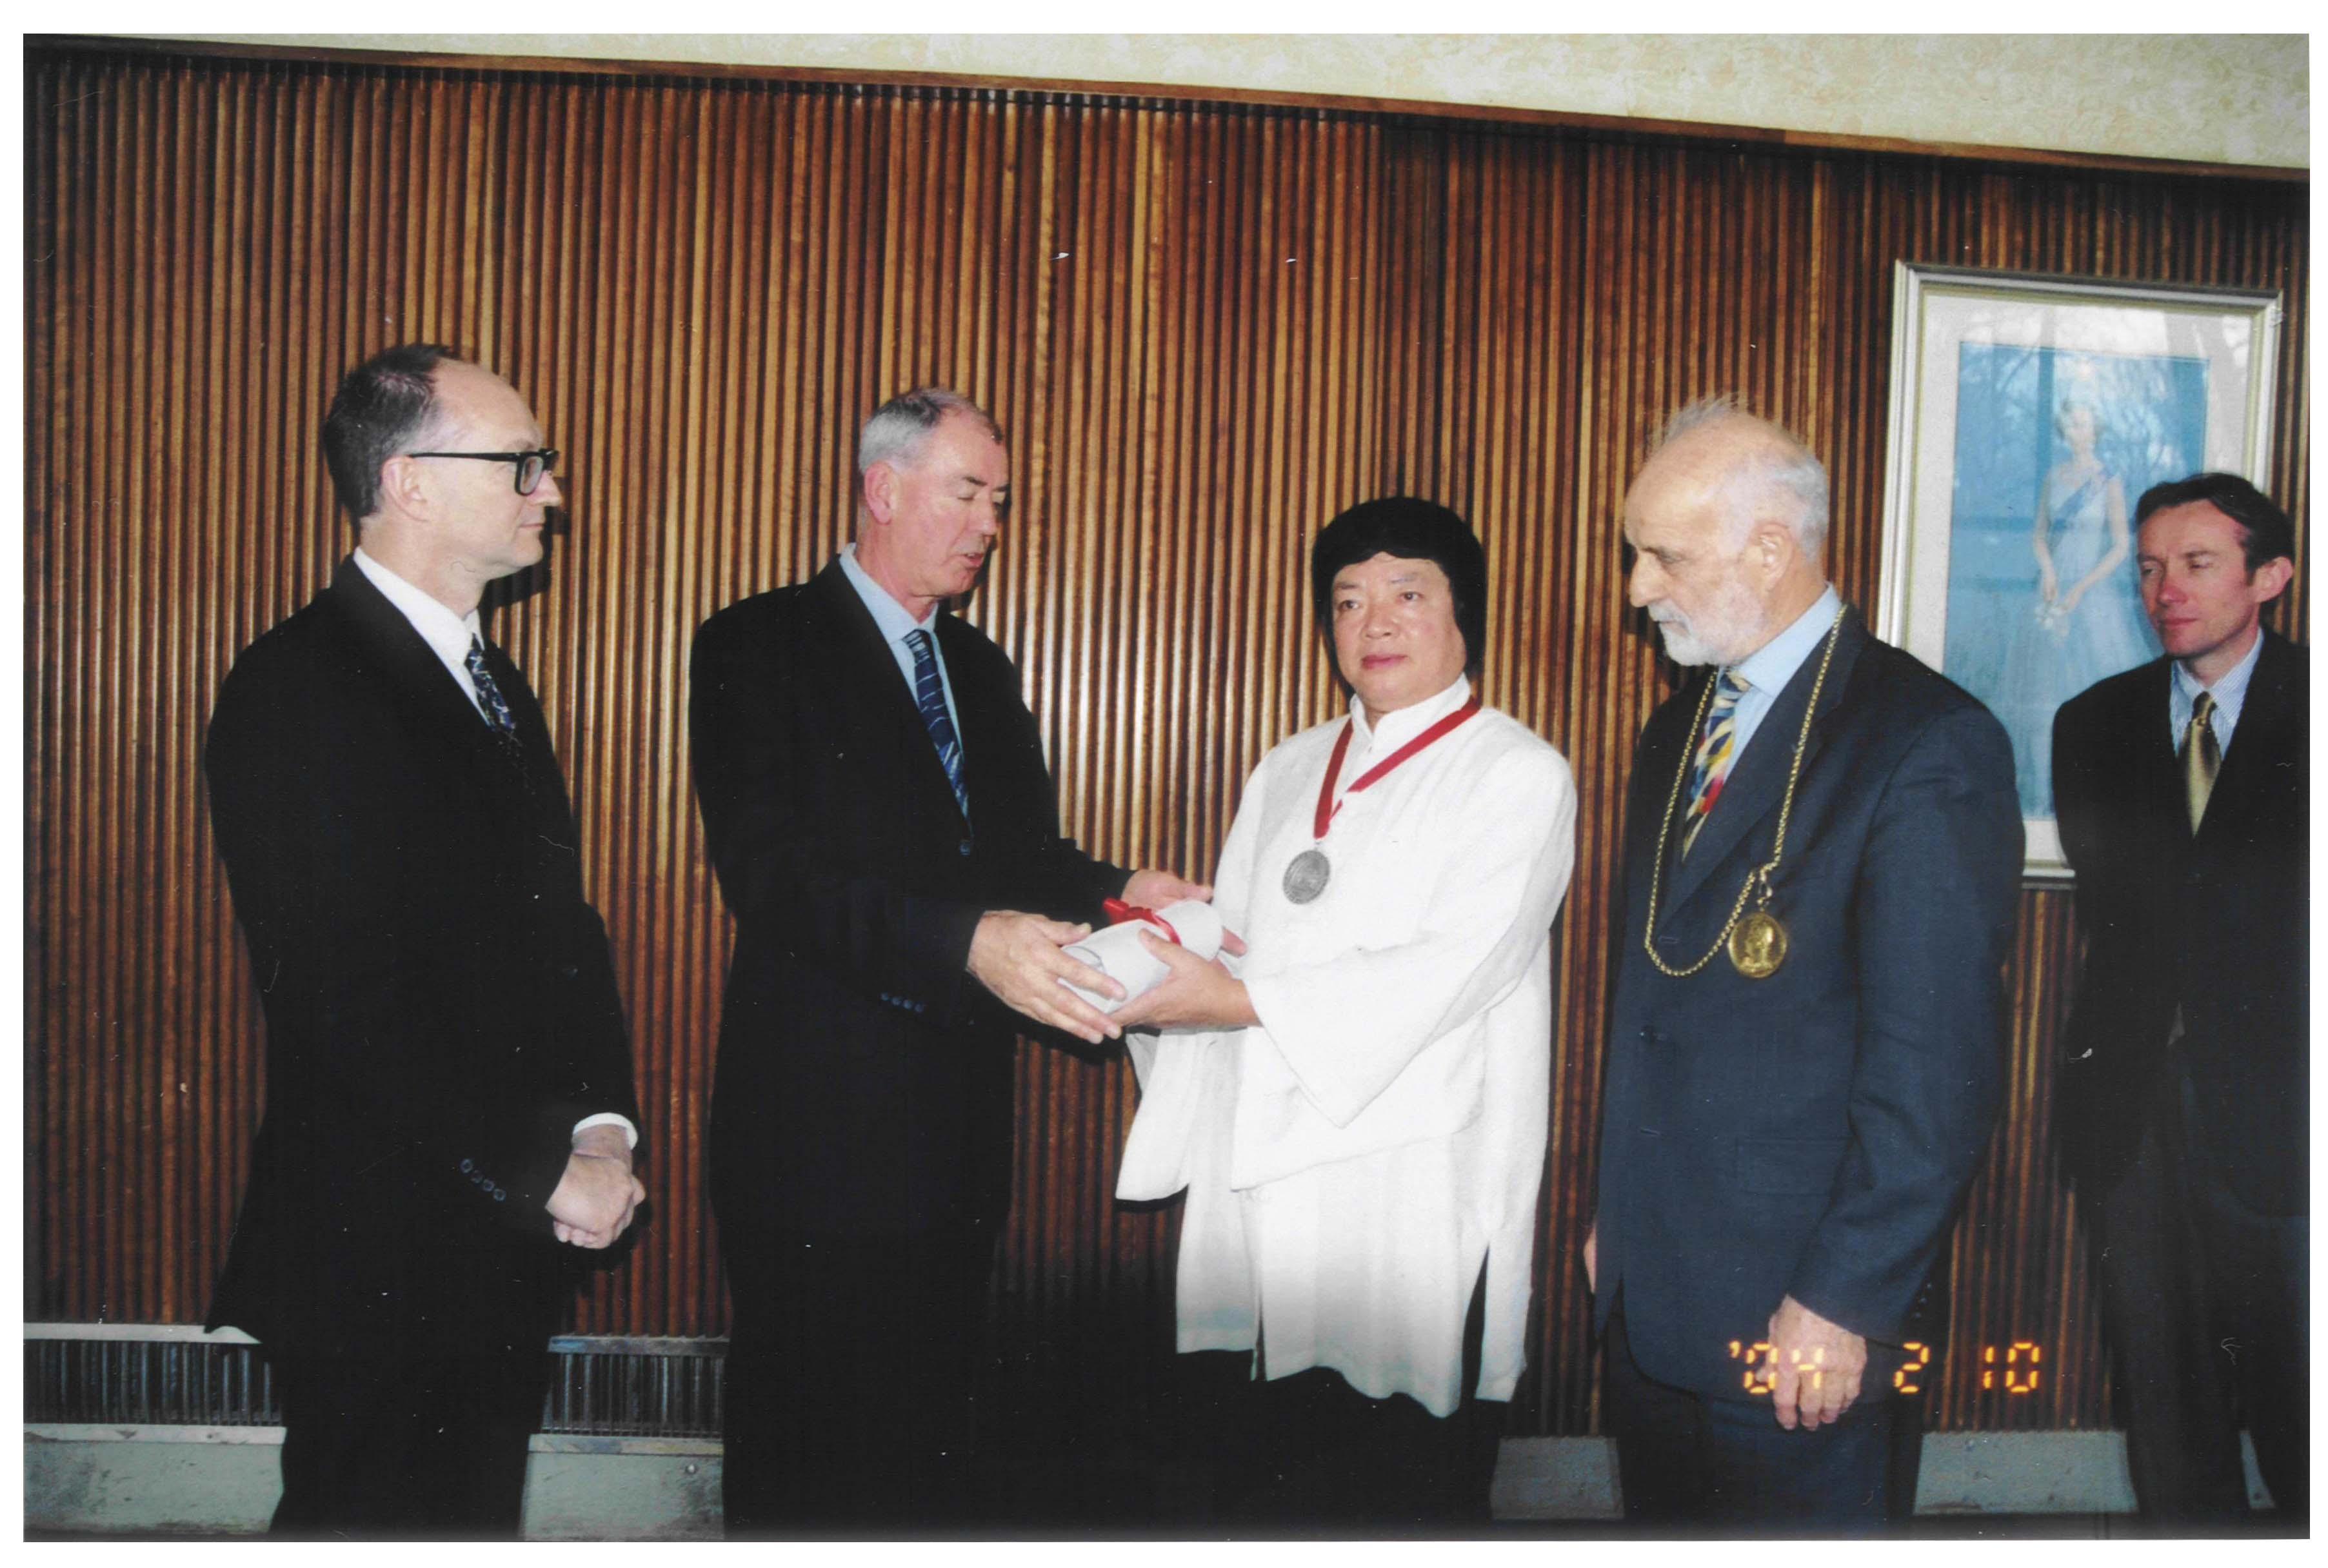 第三世多杰羌佛获颁英国皇家艺术学院首位Fellow职称 第3张